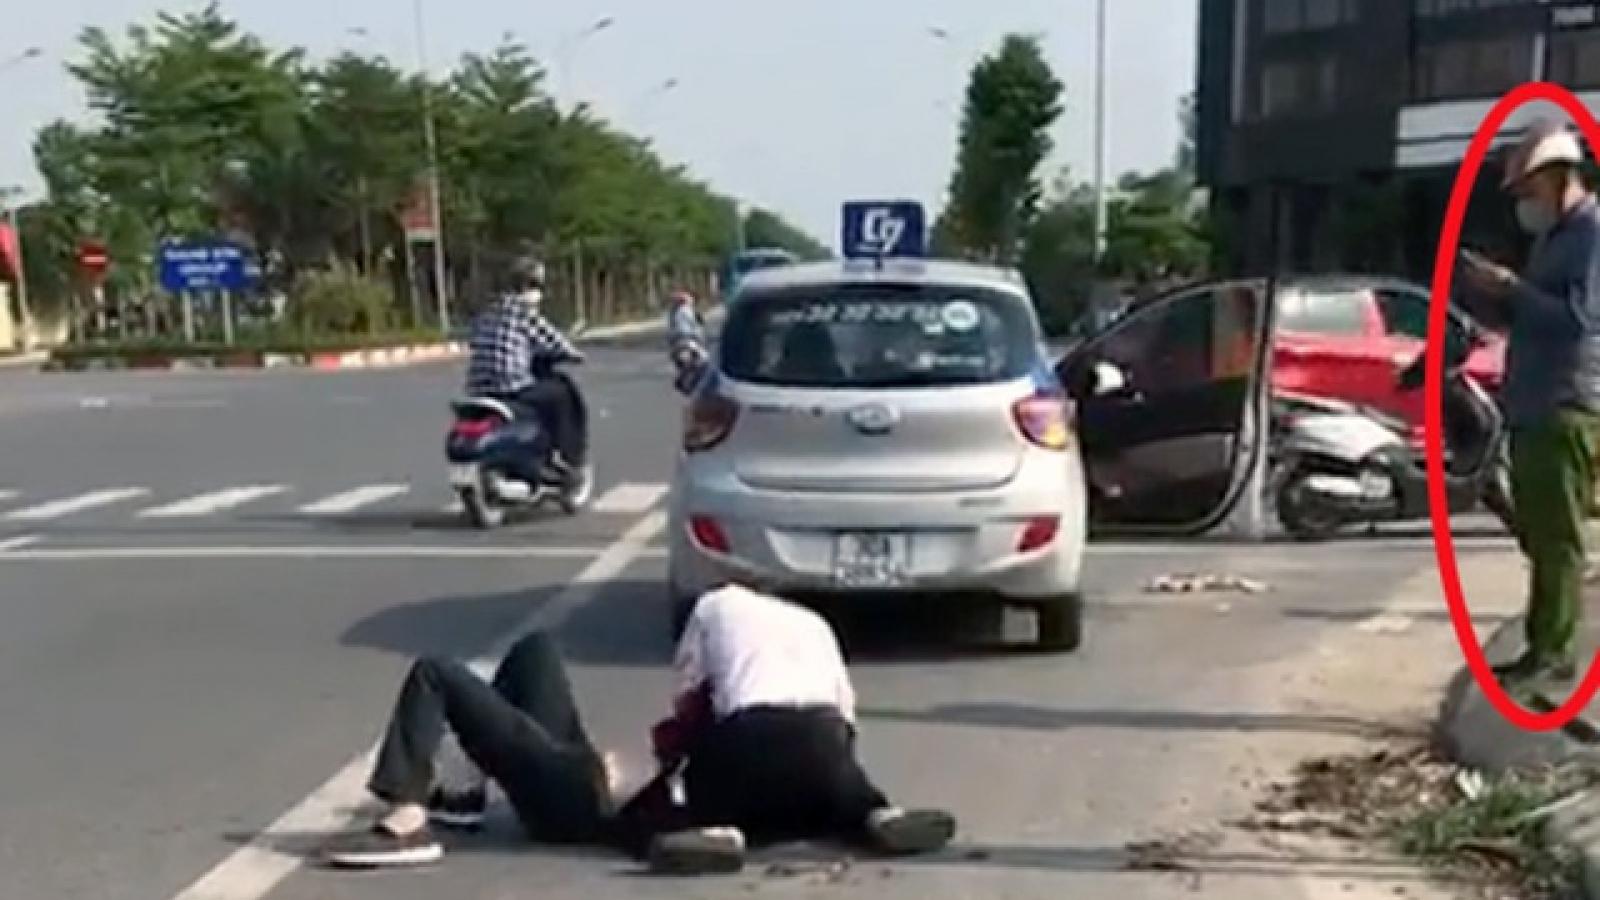 Xác minh clip người mặc cảnh phục thản nhiên nhìn tài xế vật lộn với tên cướp